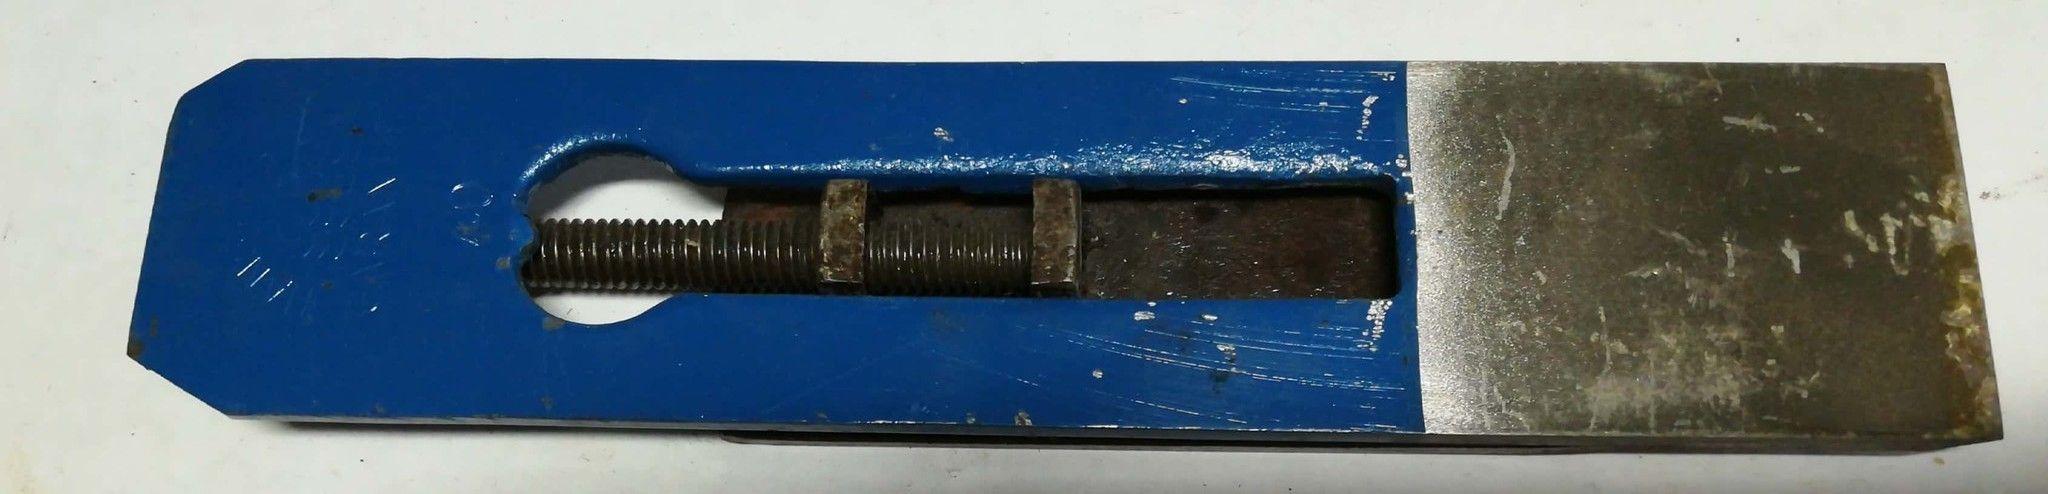 Ferro doppio per pialla forato a vite lunga mm 64